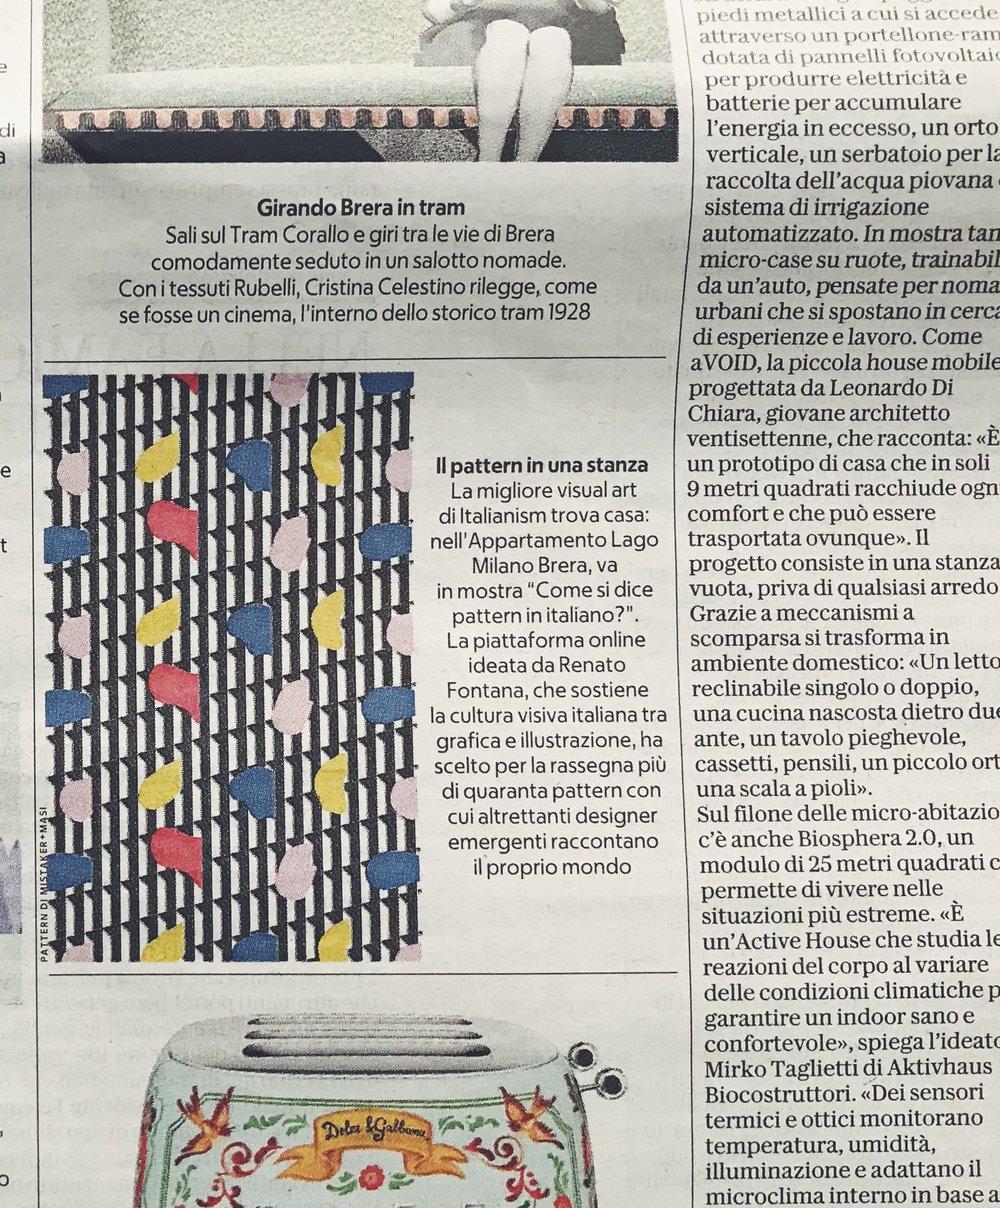 MasiMistaker_Repubblica